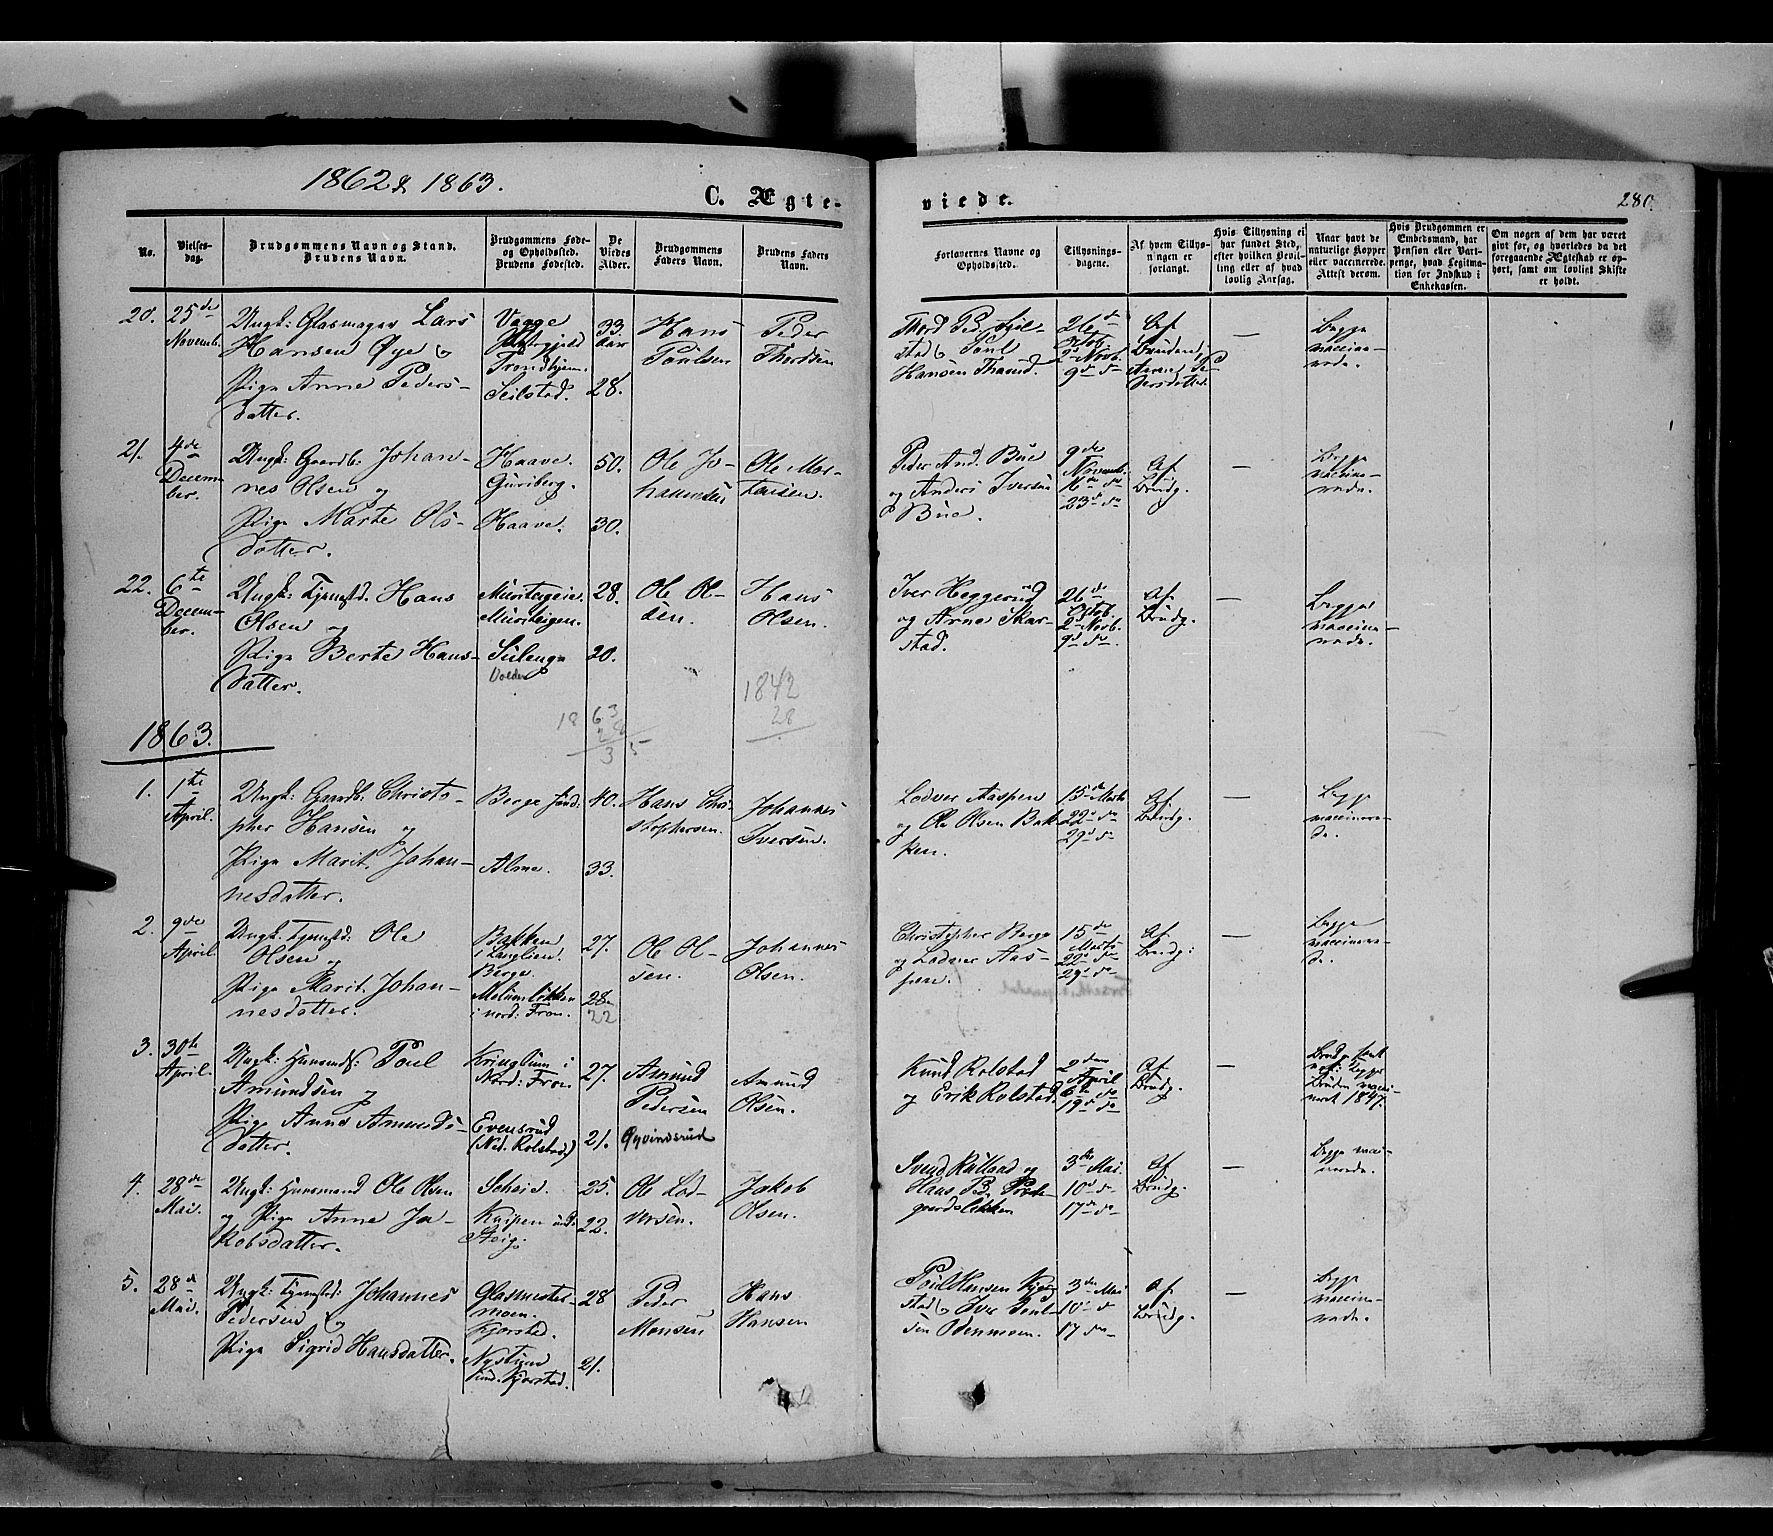 SAH, Sør-Fron prestekontor, H/Ha/Haa/L0001: Ministerialbok nr. 1, 1849-1863, s. 280